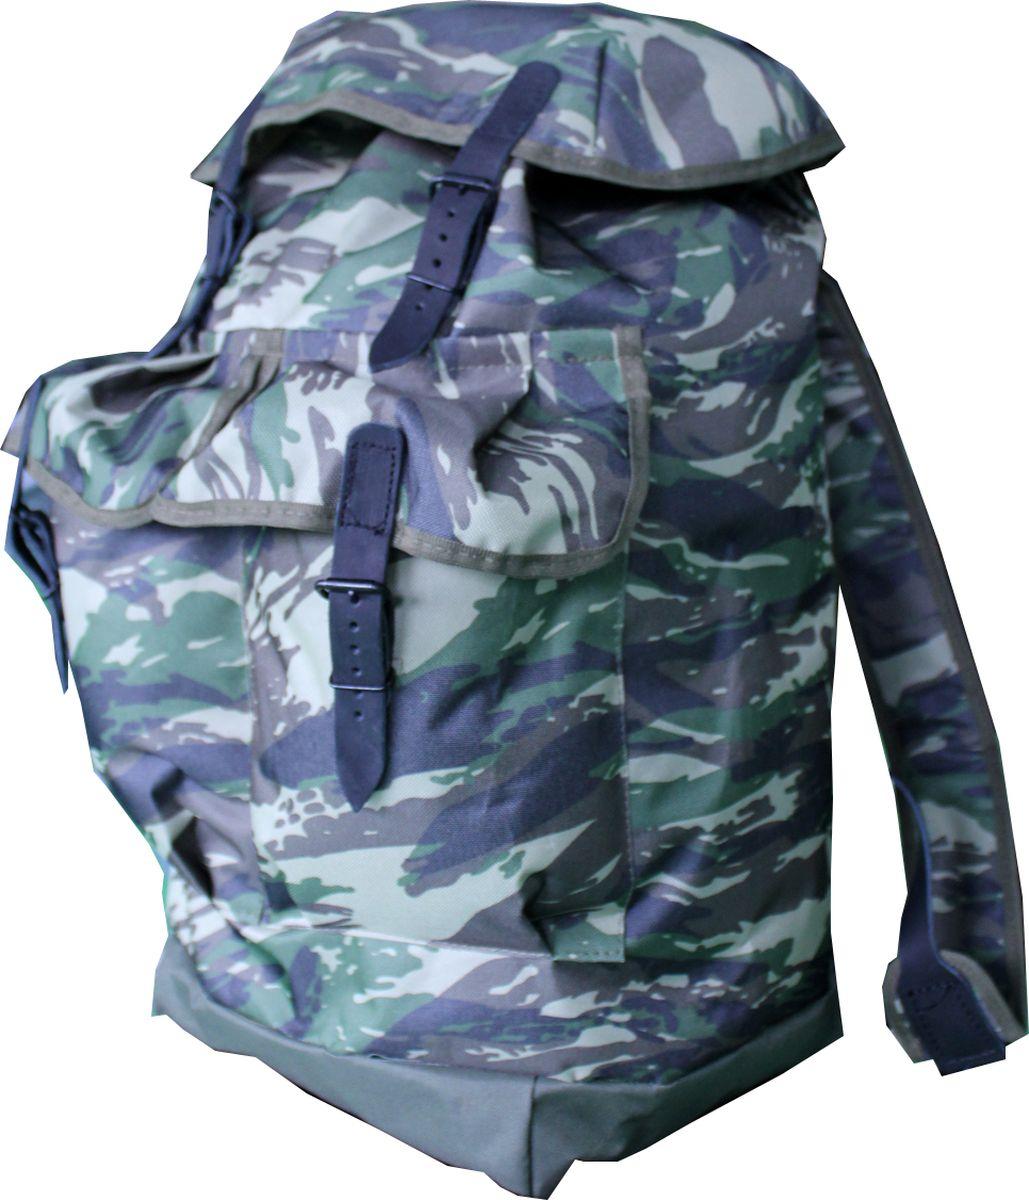 Рюкзак туристический Каприкорн Таежный У, 30 л54736Классический рюкзак с двумя карманами объемом 30 литров.Материал: Oxford 600D PVC (100% полиэстер с ПВХ покрытием; 450 гр/м2)Фурнитура: металл, нат. кожа.